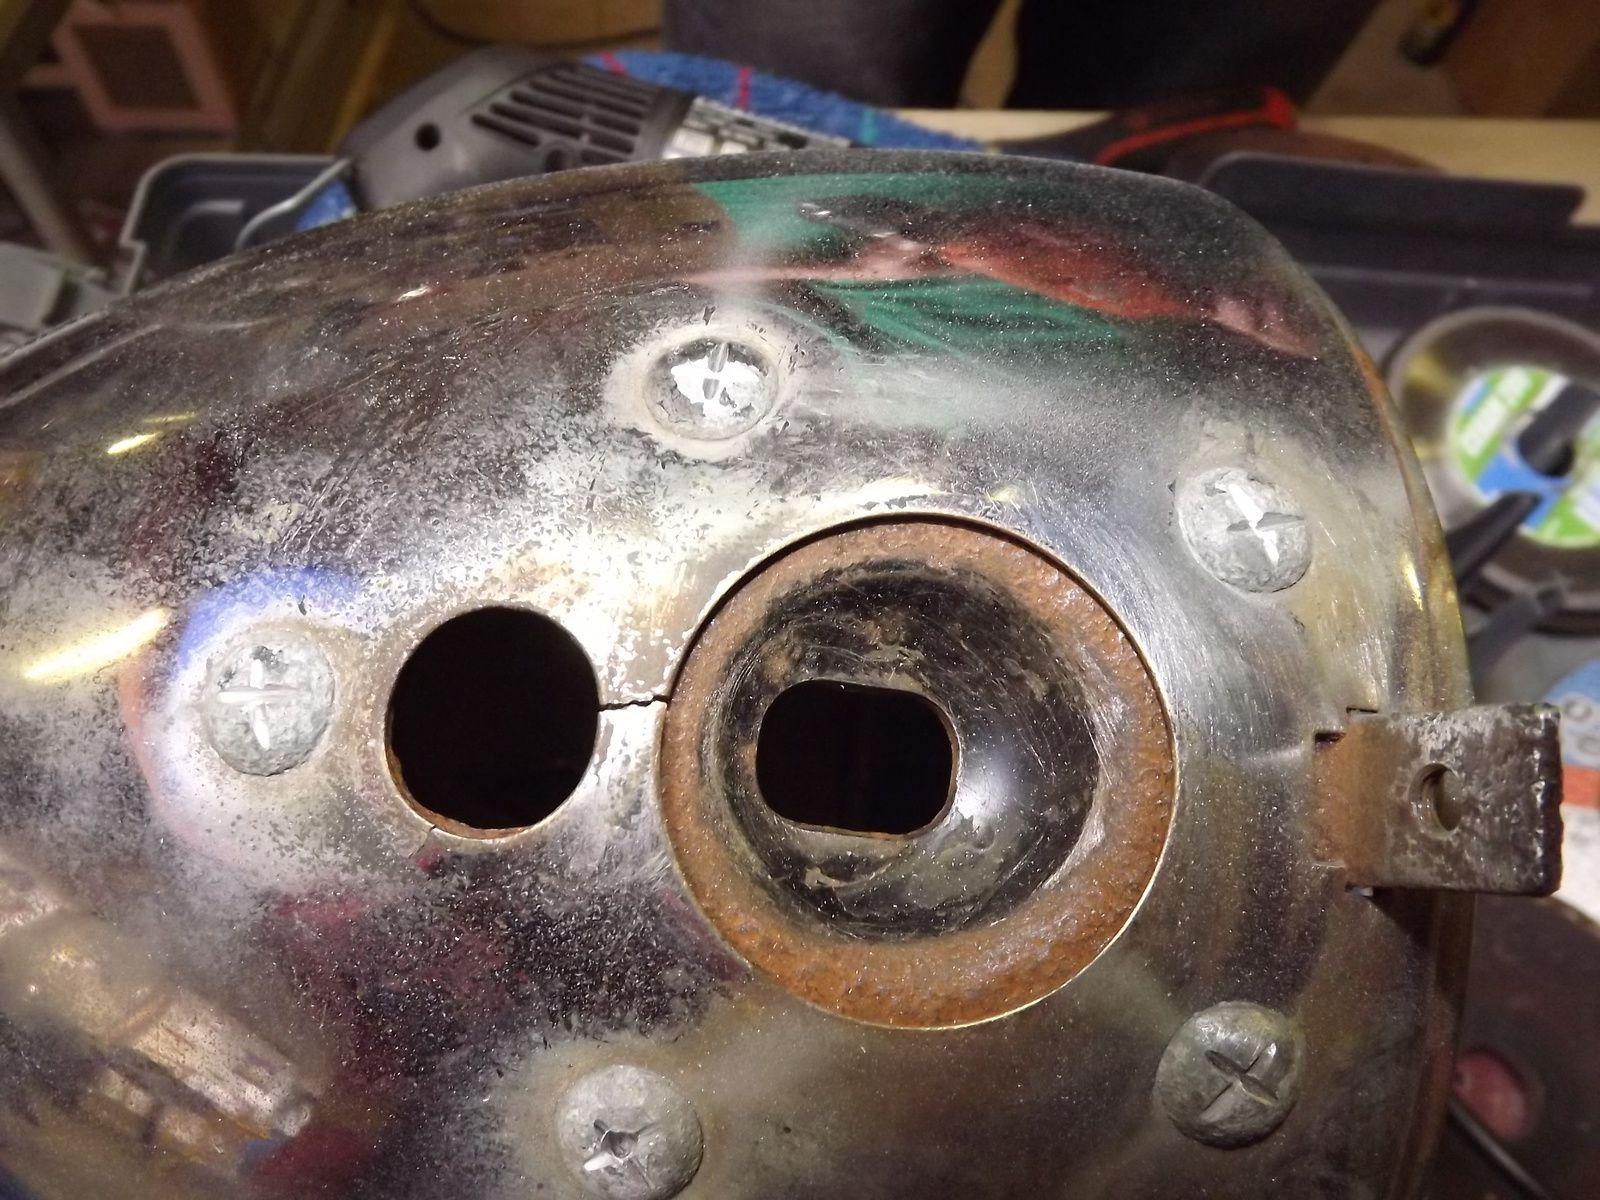 D. Bellière de la TU nous a prescrit d'enlever les rivets de l'ogive de phare. C'est donc fait, sans dérapages, ni rayures. Le traitement de chaque flasque métallique est en cours.